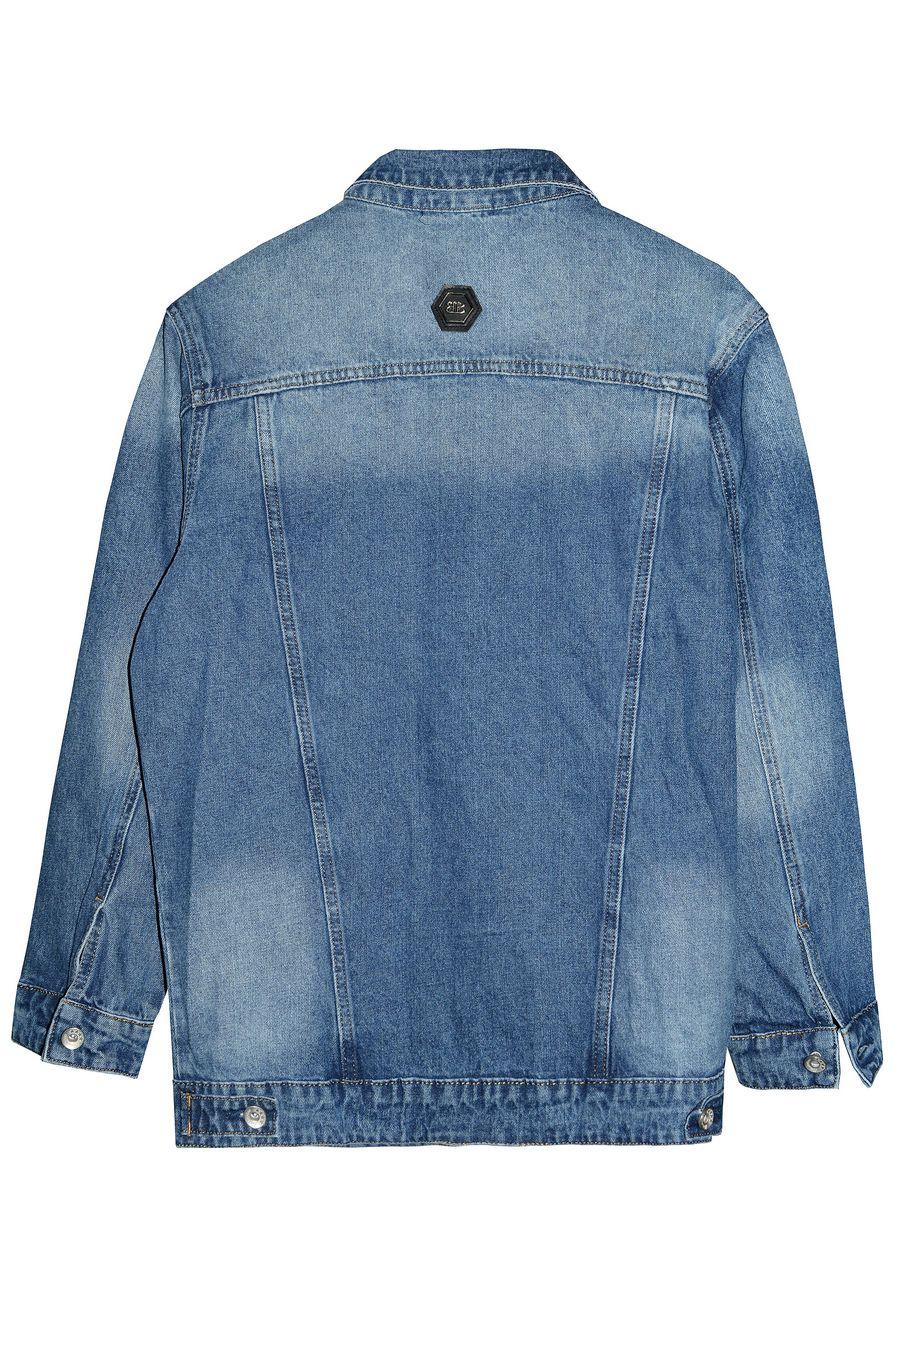 Пиджак женский (джинсовка) Blue Coco 121 - фото 2